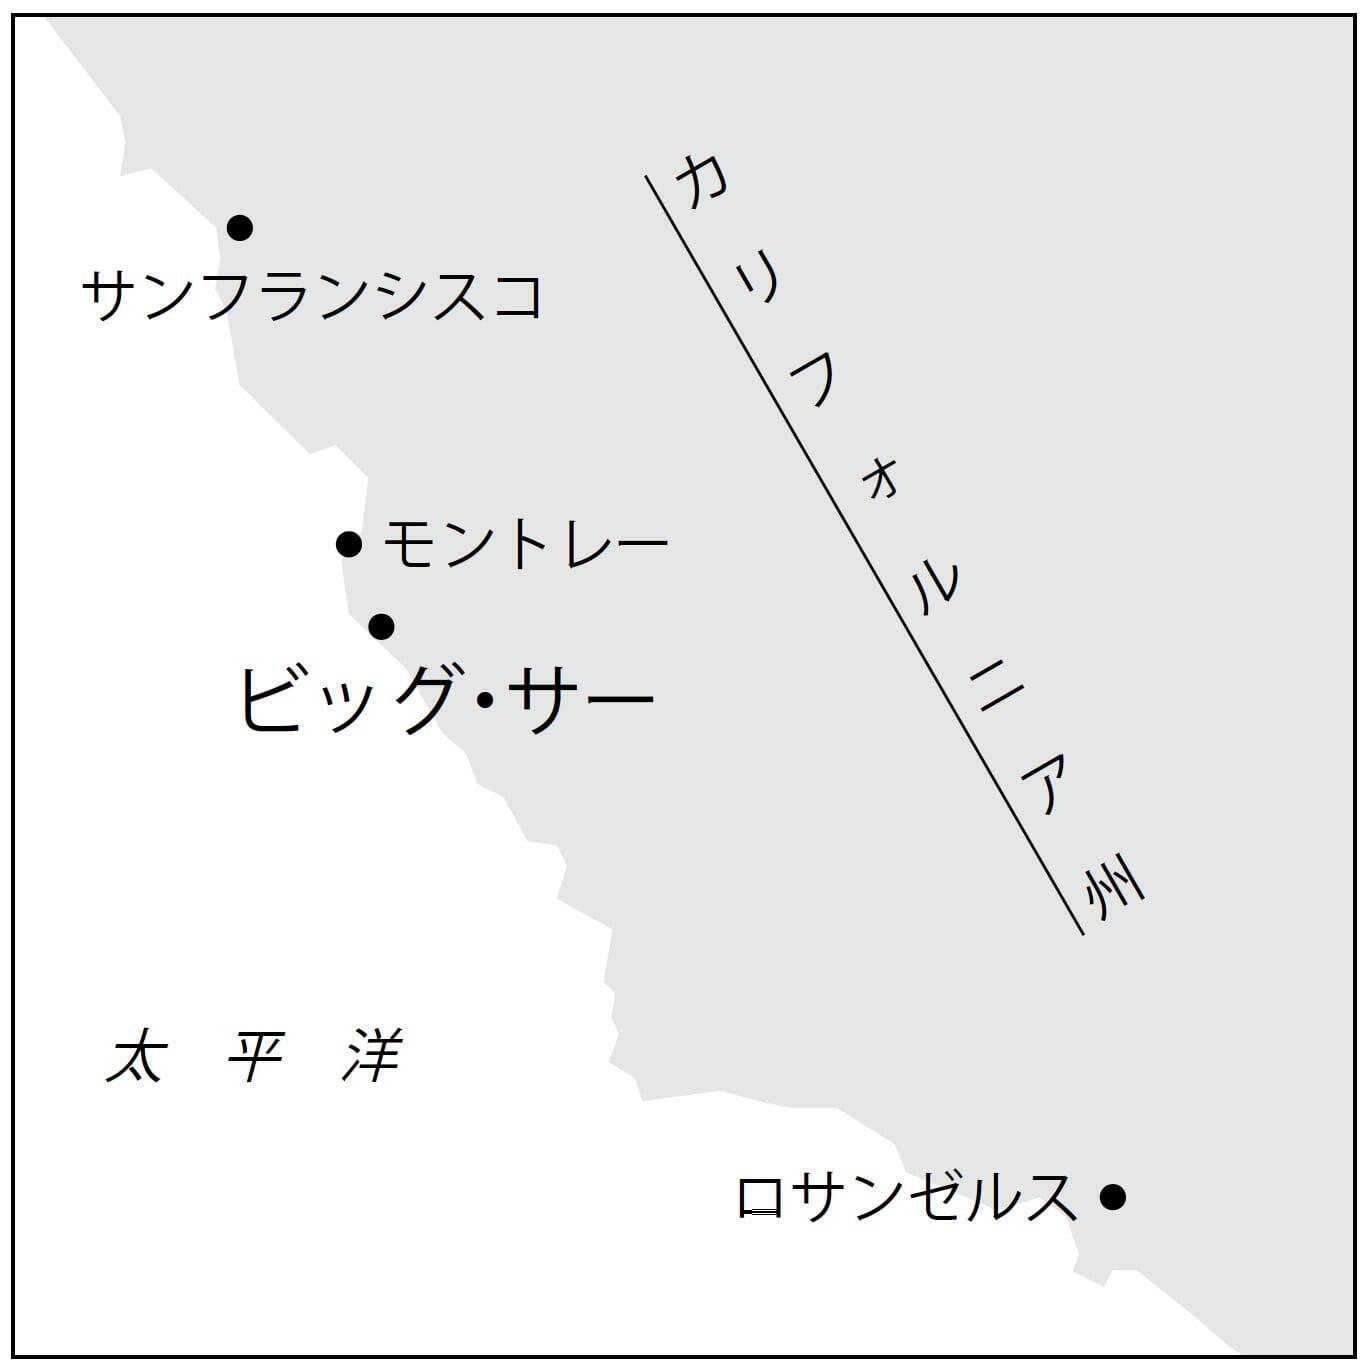 カリフォルニア州ビッグ・サーの位置